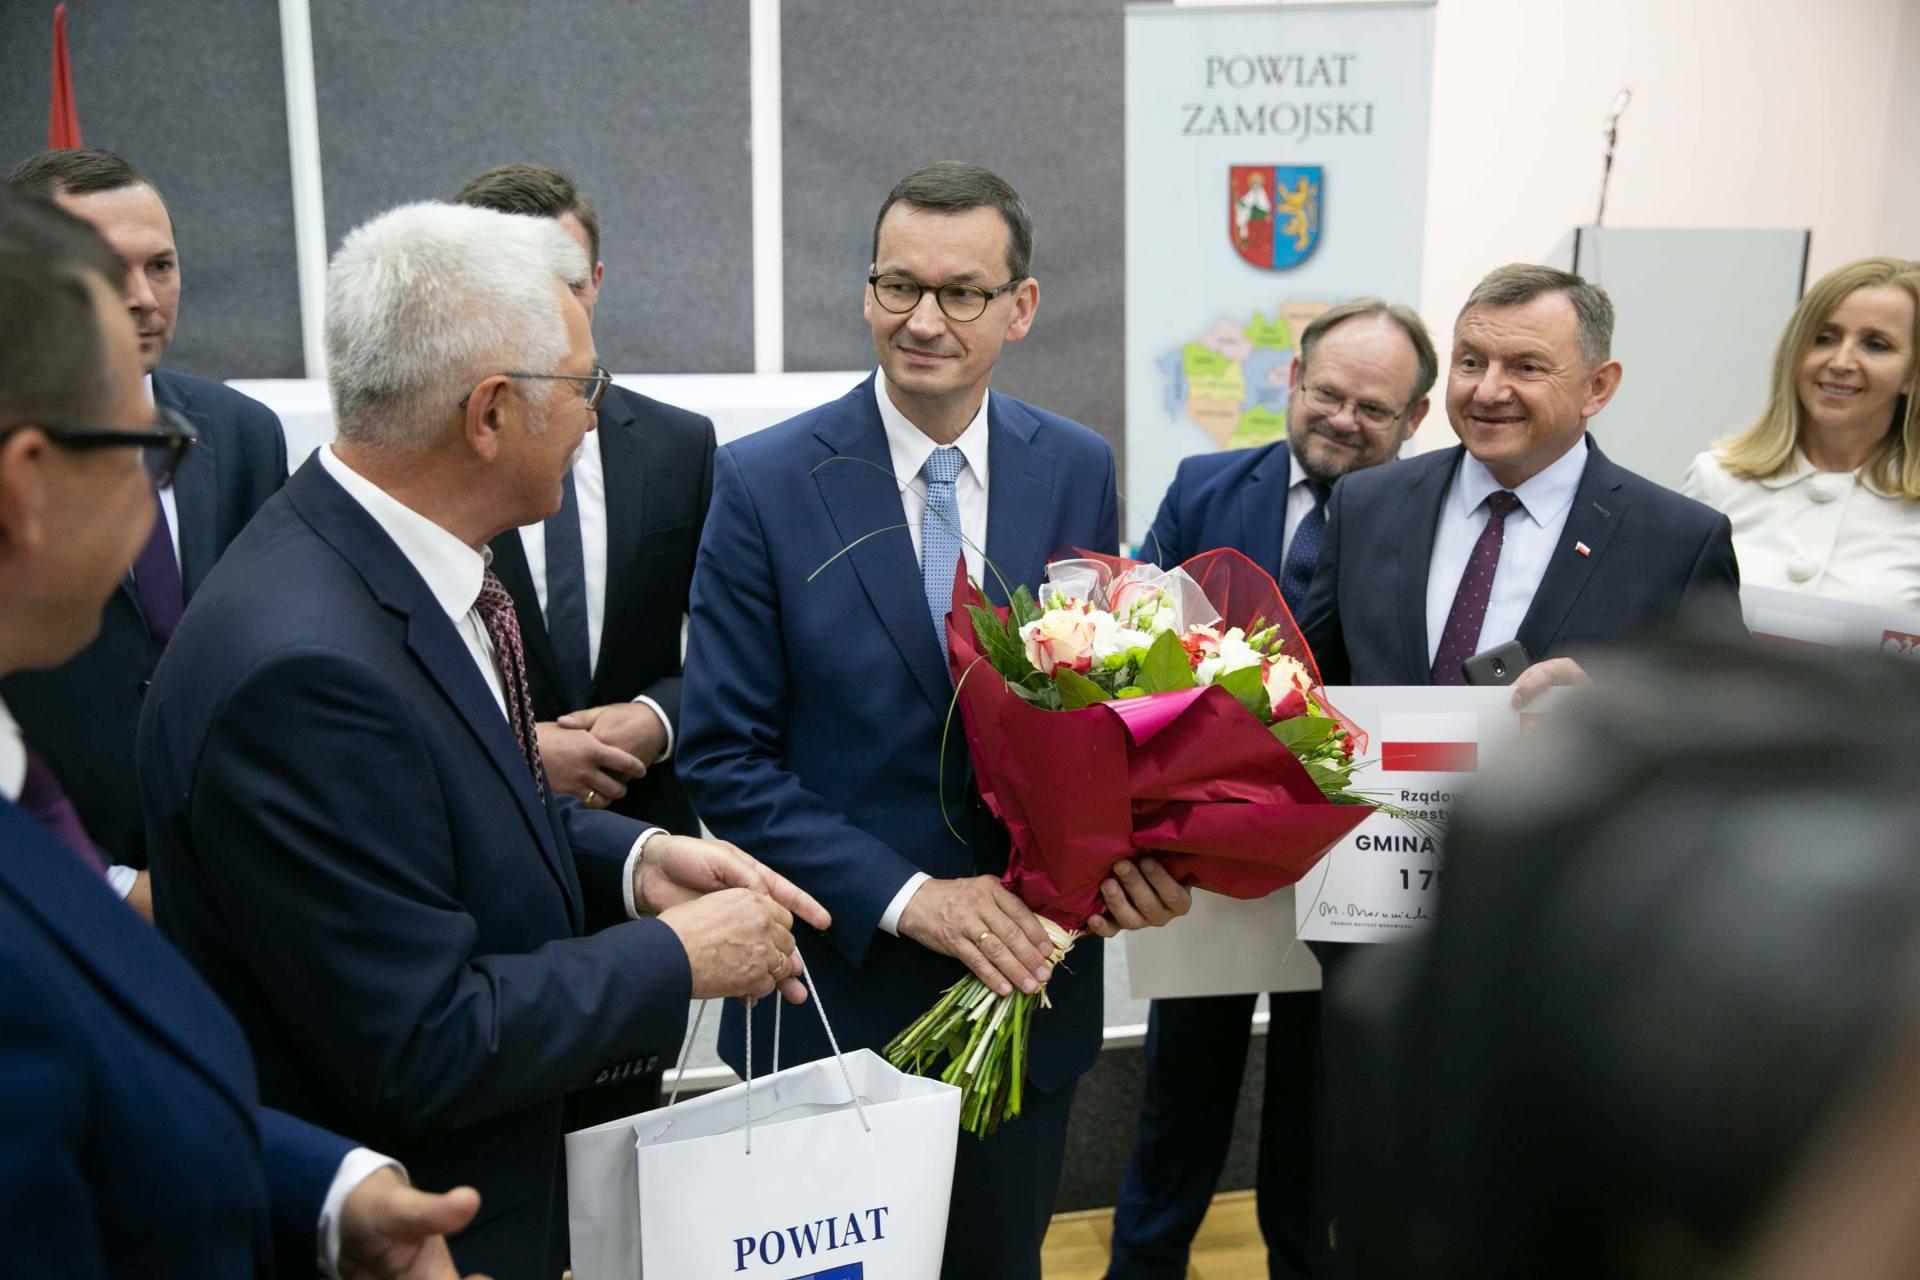 premier morawiecki w zamosciu 36 Premier Mateusz Morawiecki spotkał się z samorządowcami z Zamojszczyzny [ZDJĘCIA]